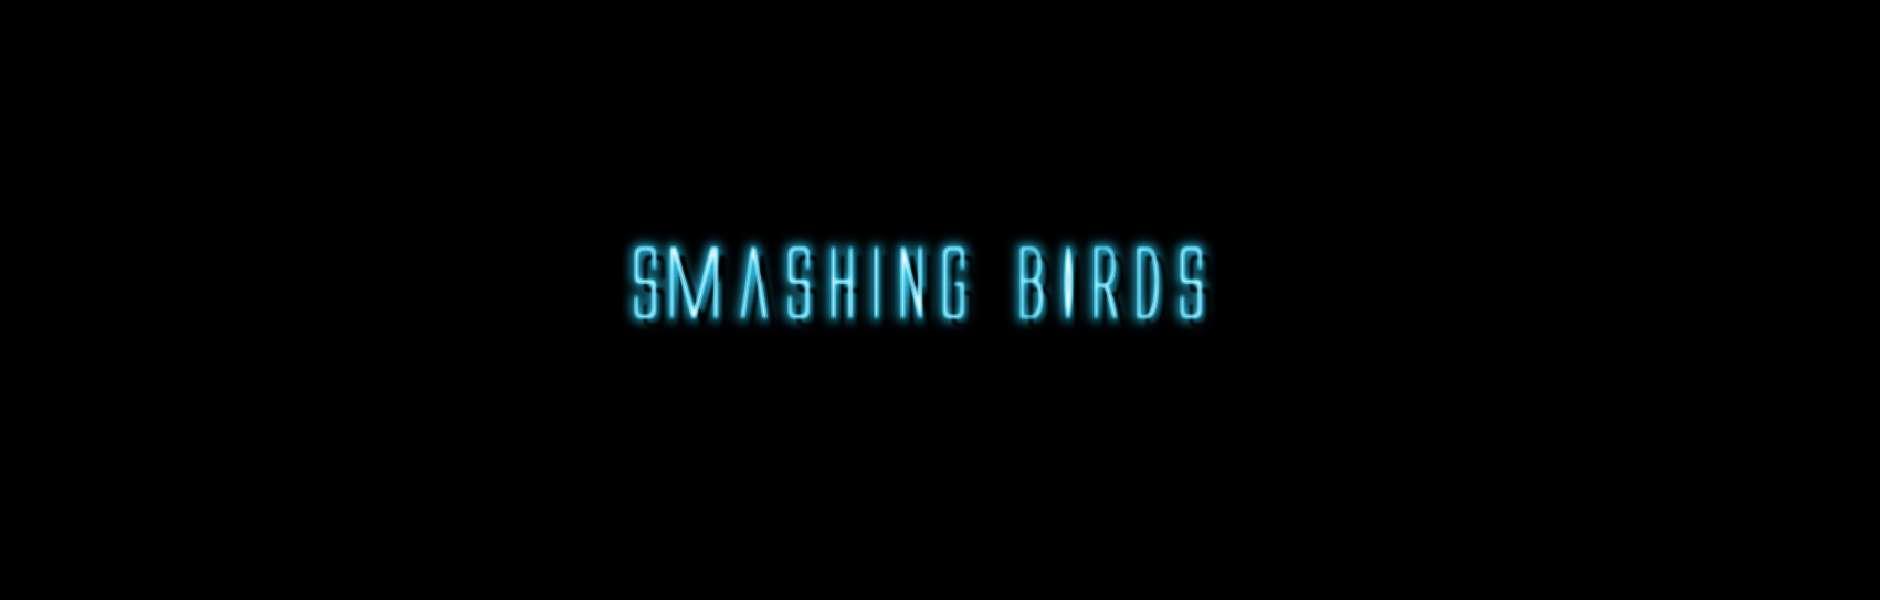 Smashing Birds